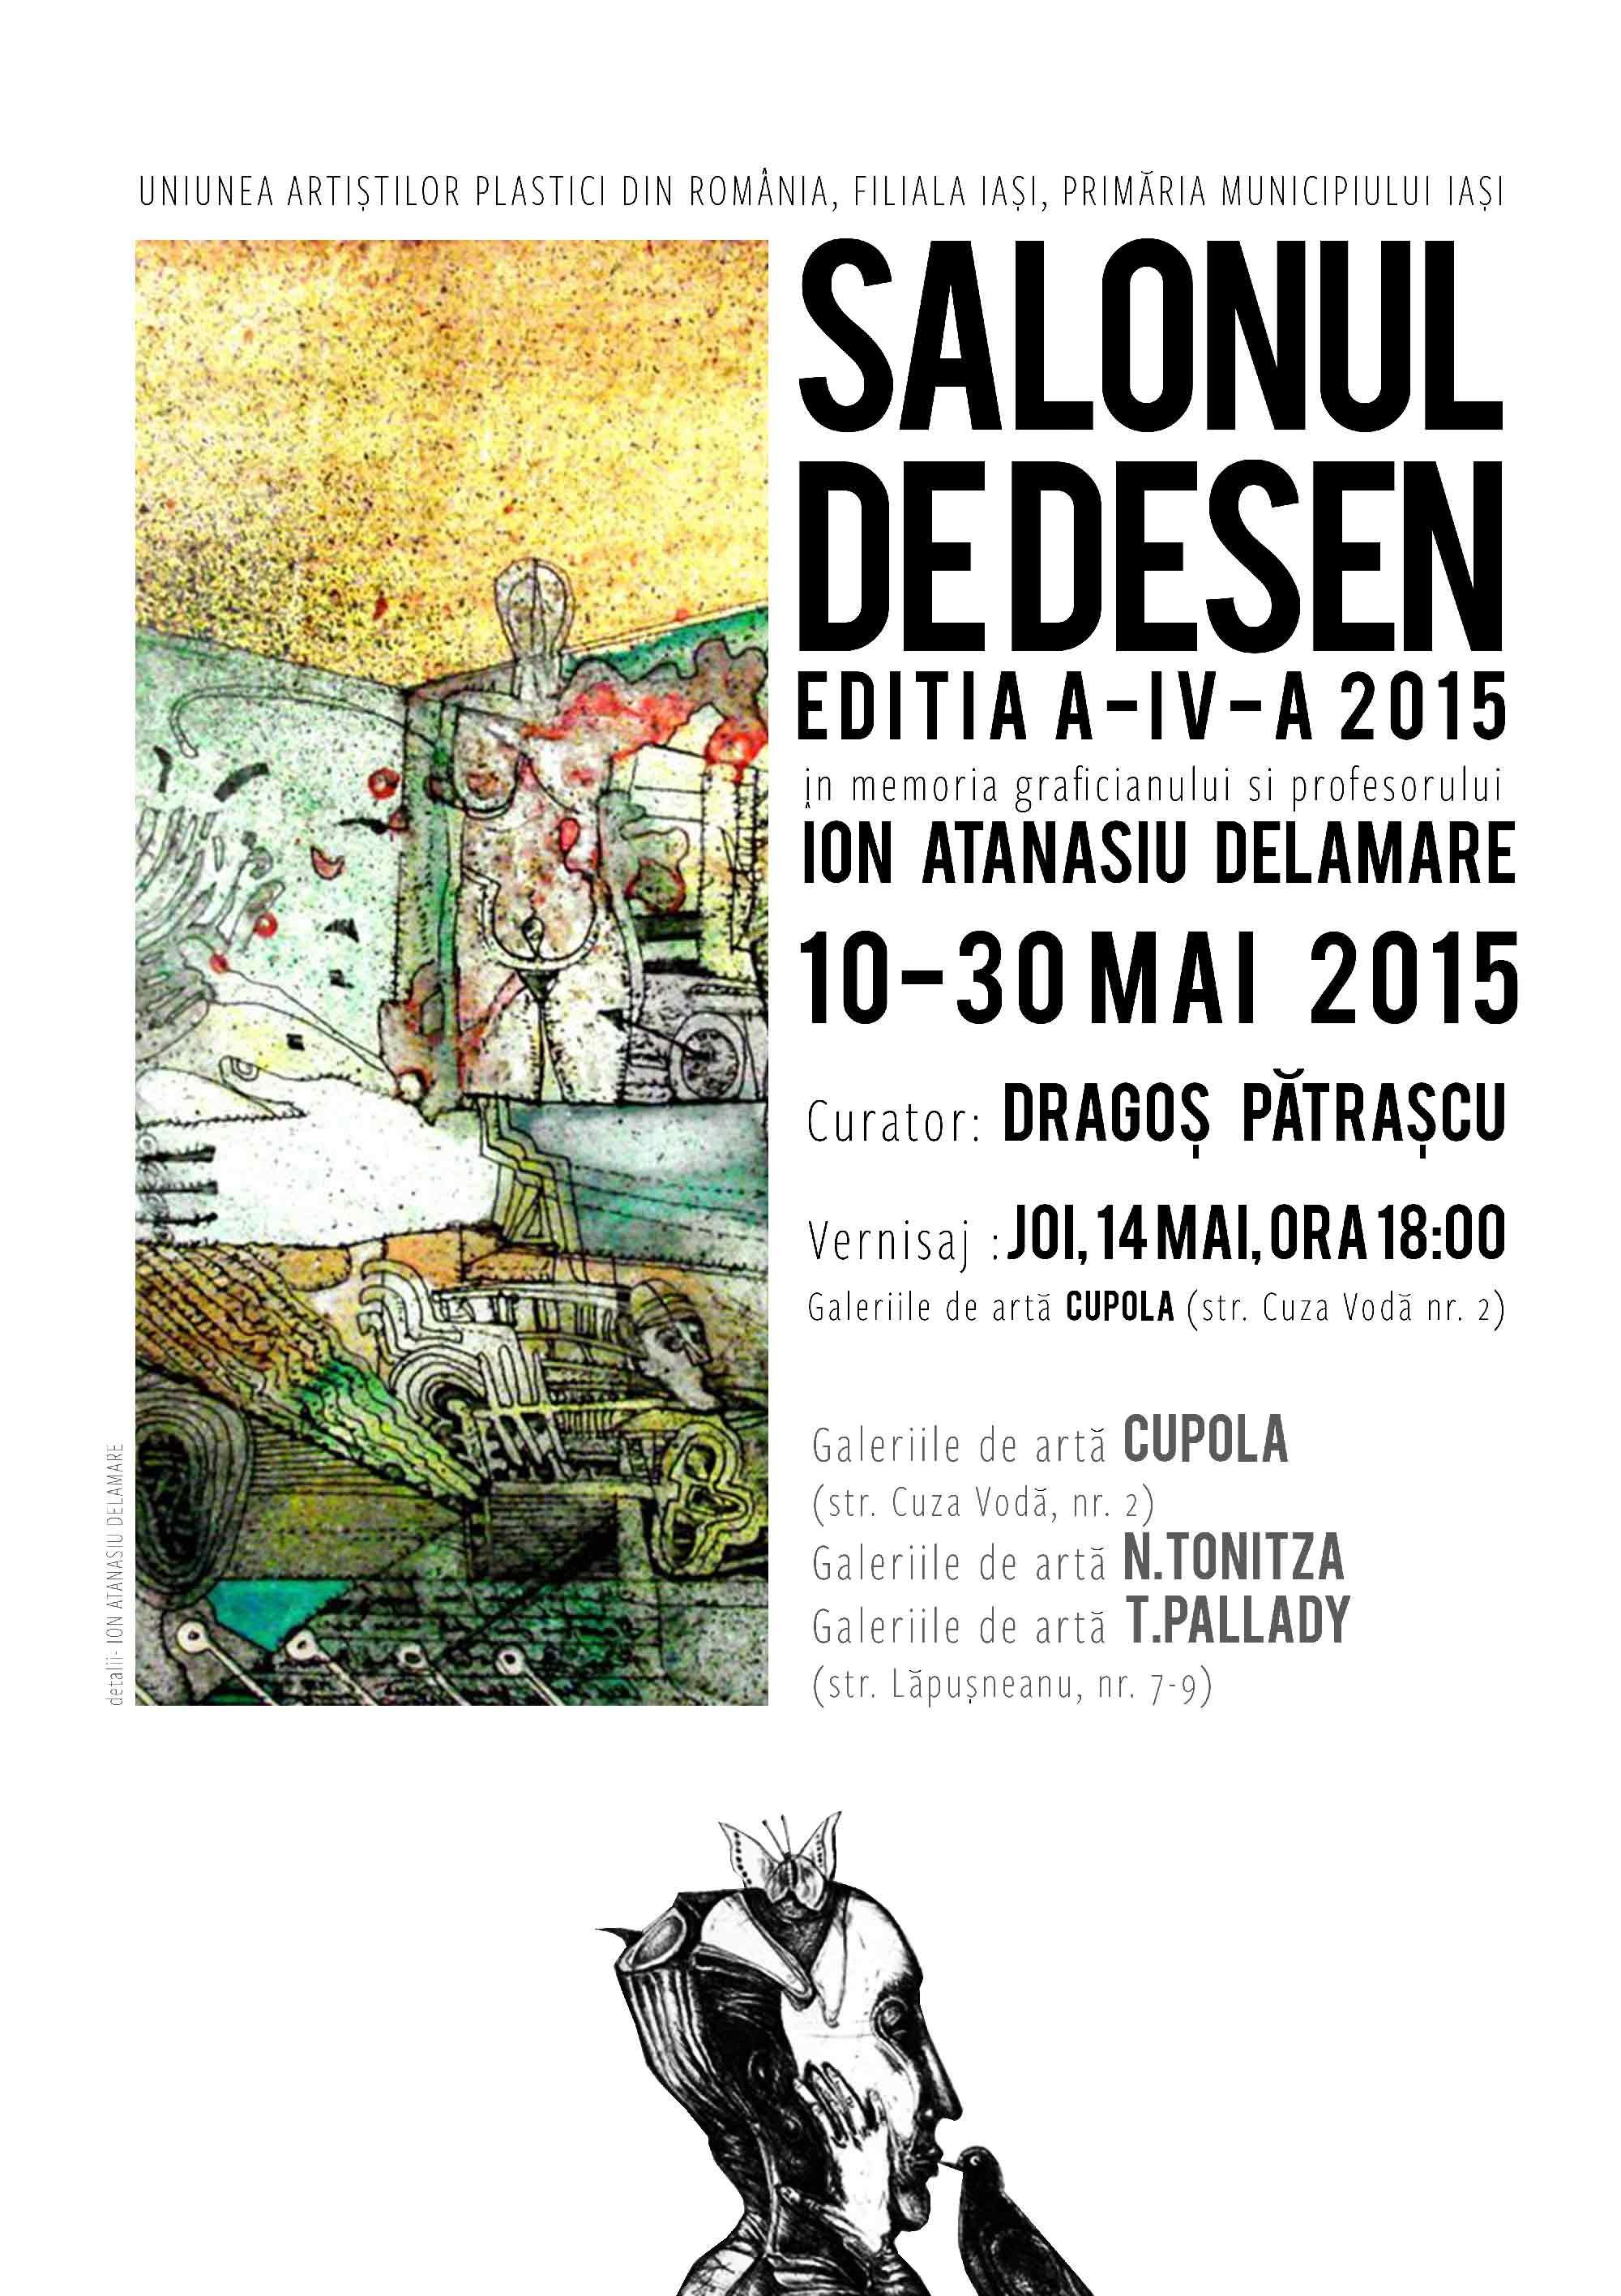 Salonul de desen 2015, Iași